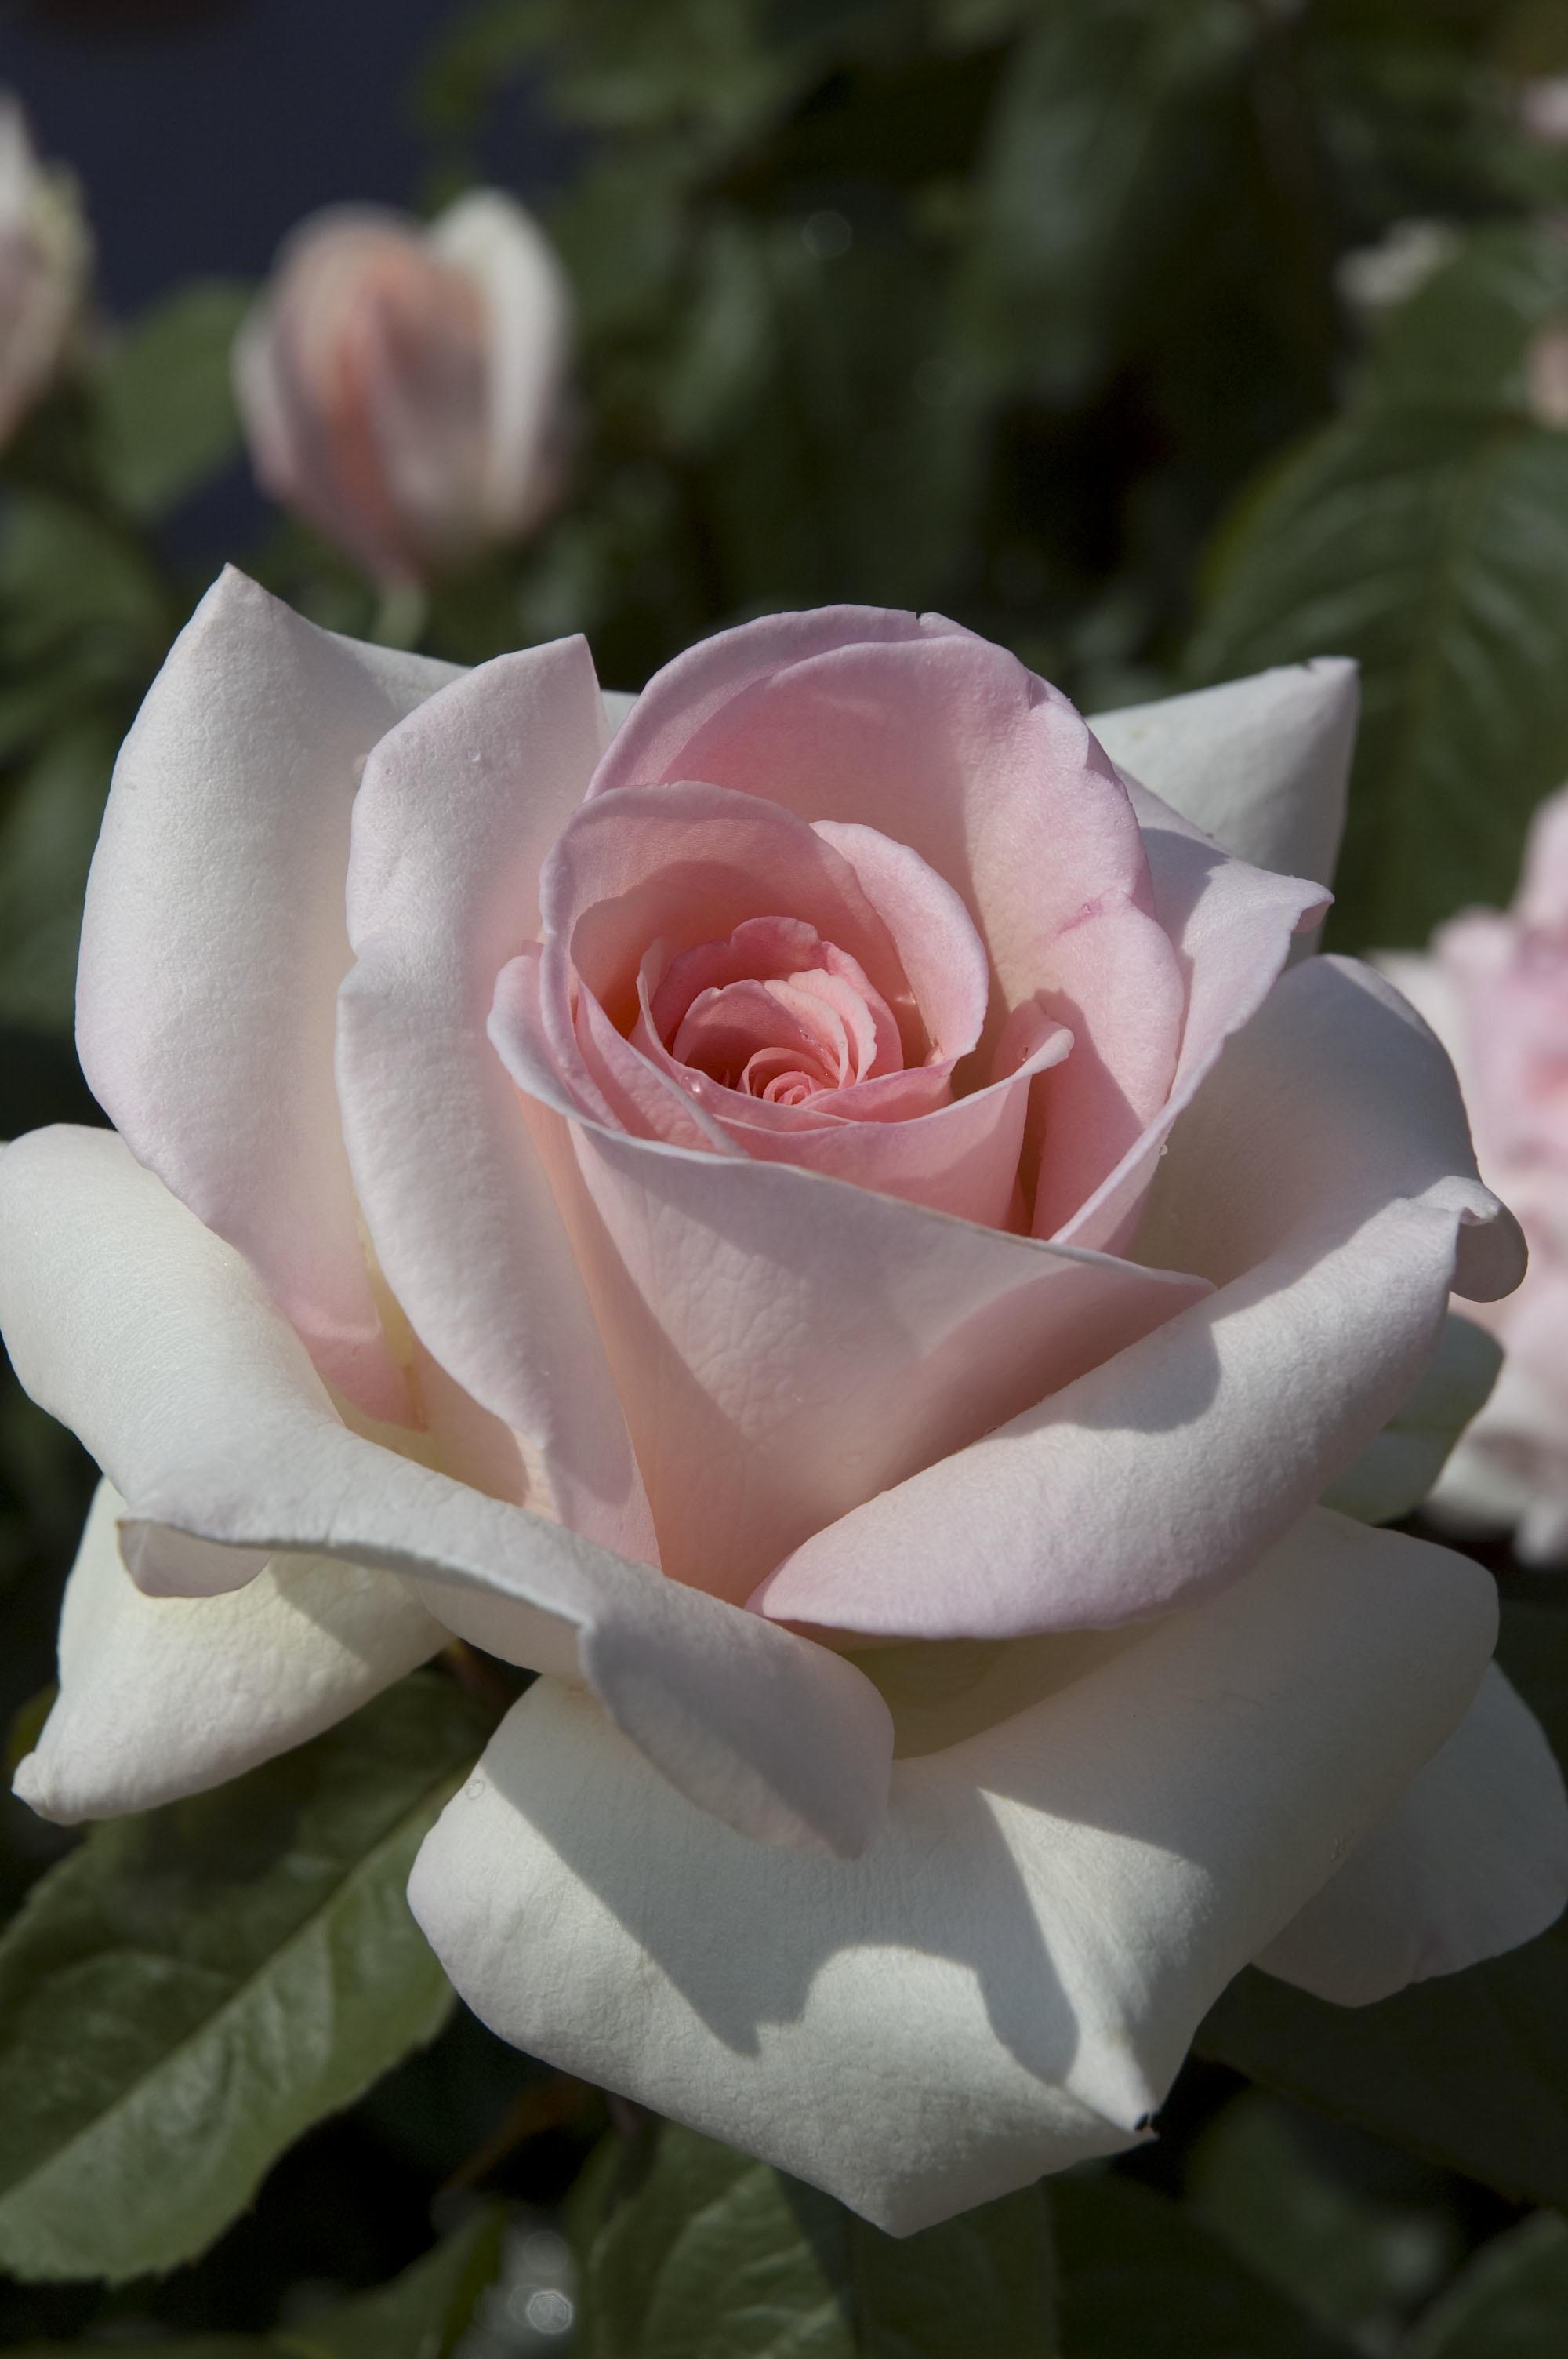 Fullsize Of Fragrant Cloud Rose